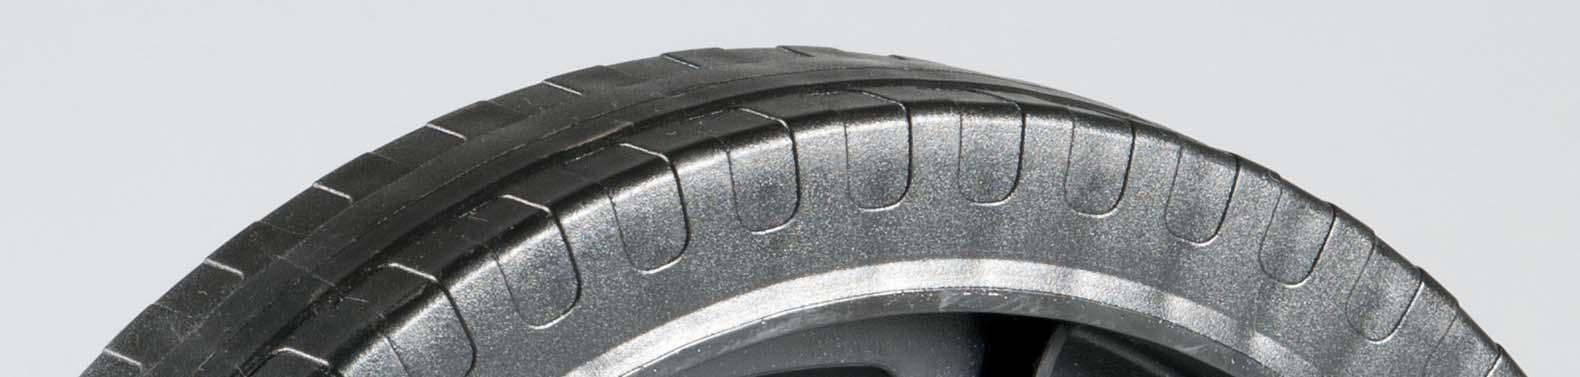 All Plastic Archives - Custom Engineered Wheels Inc  (CEW)